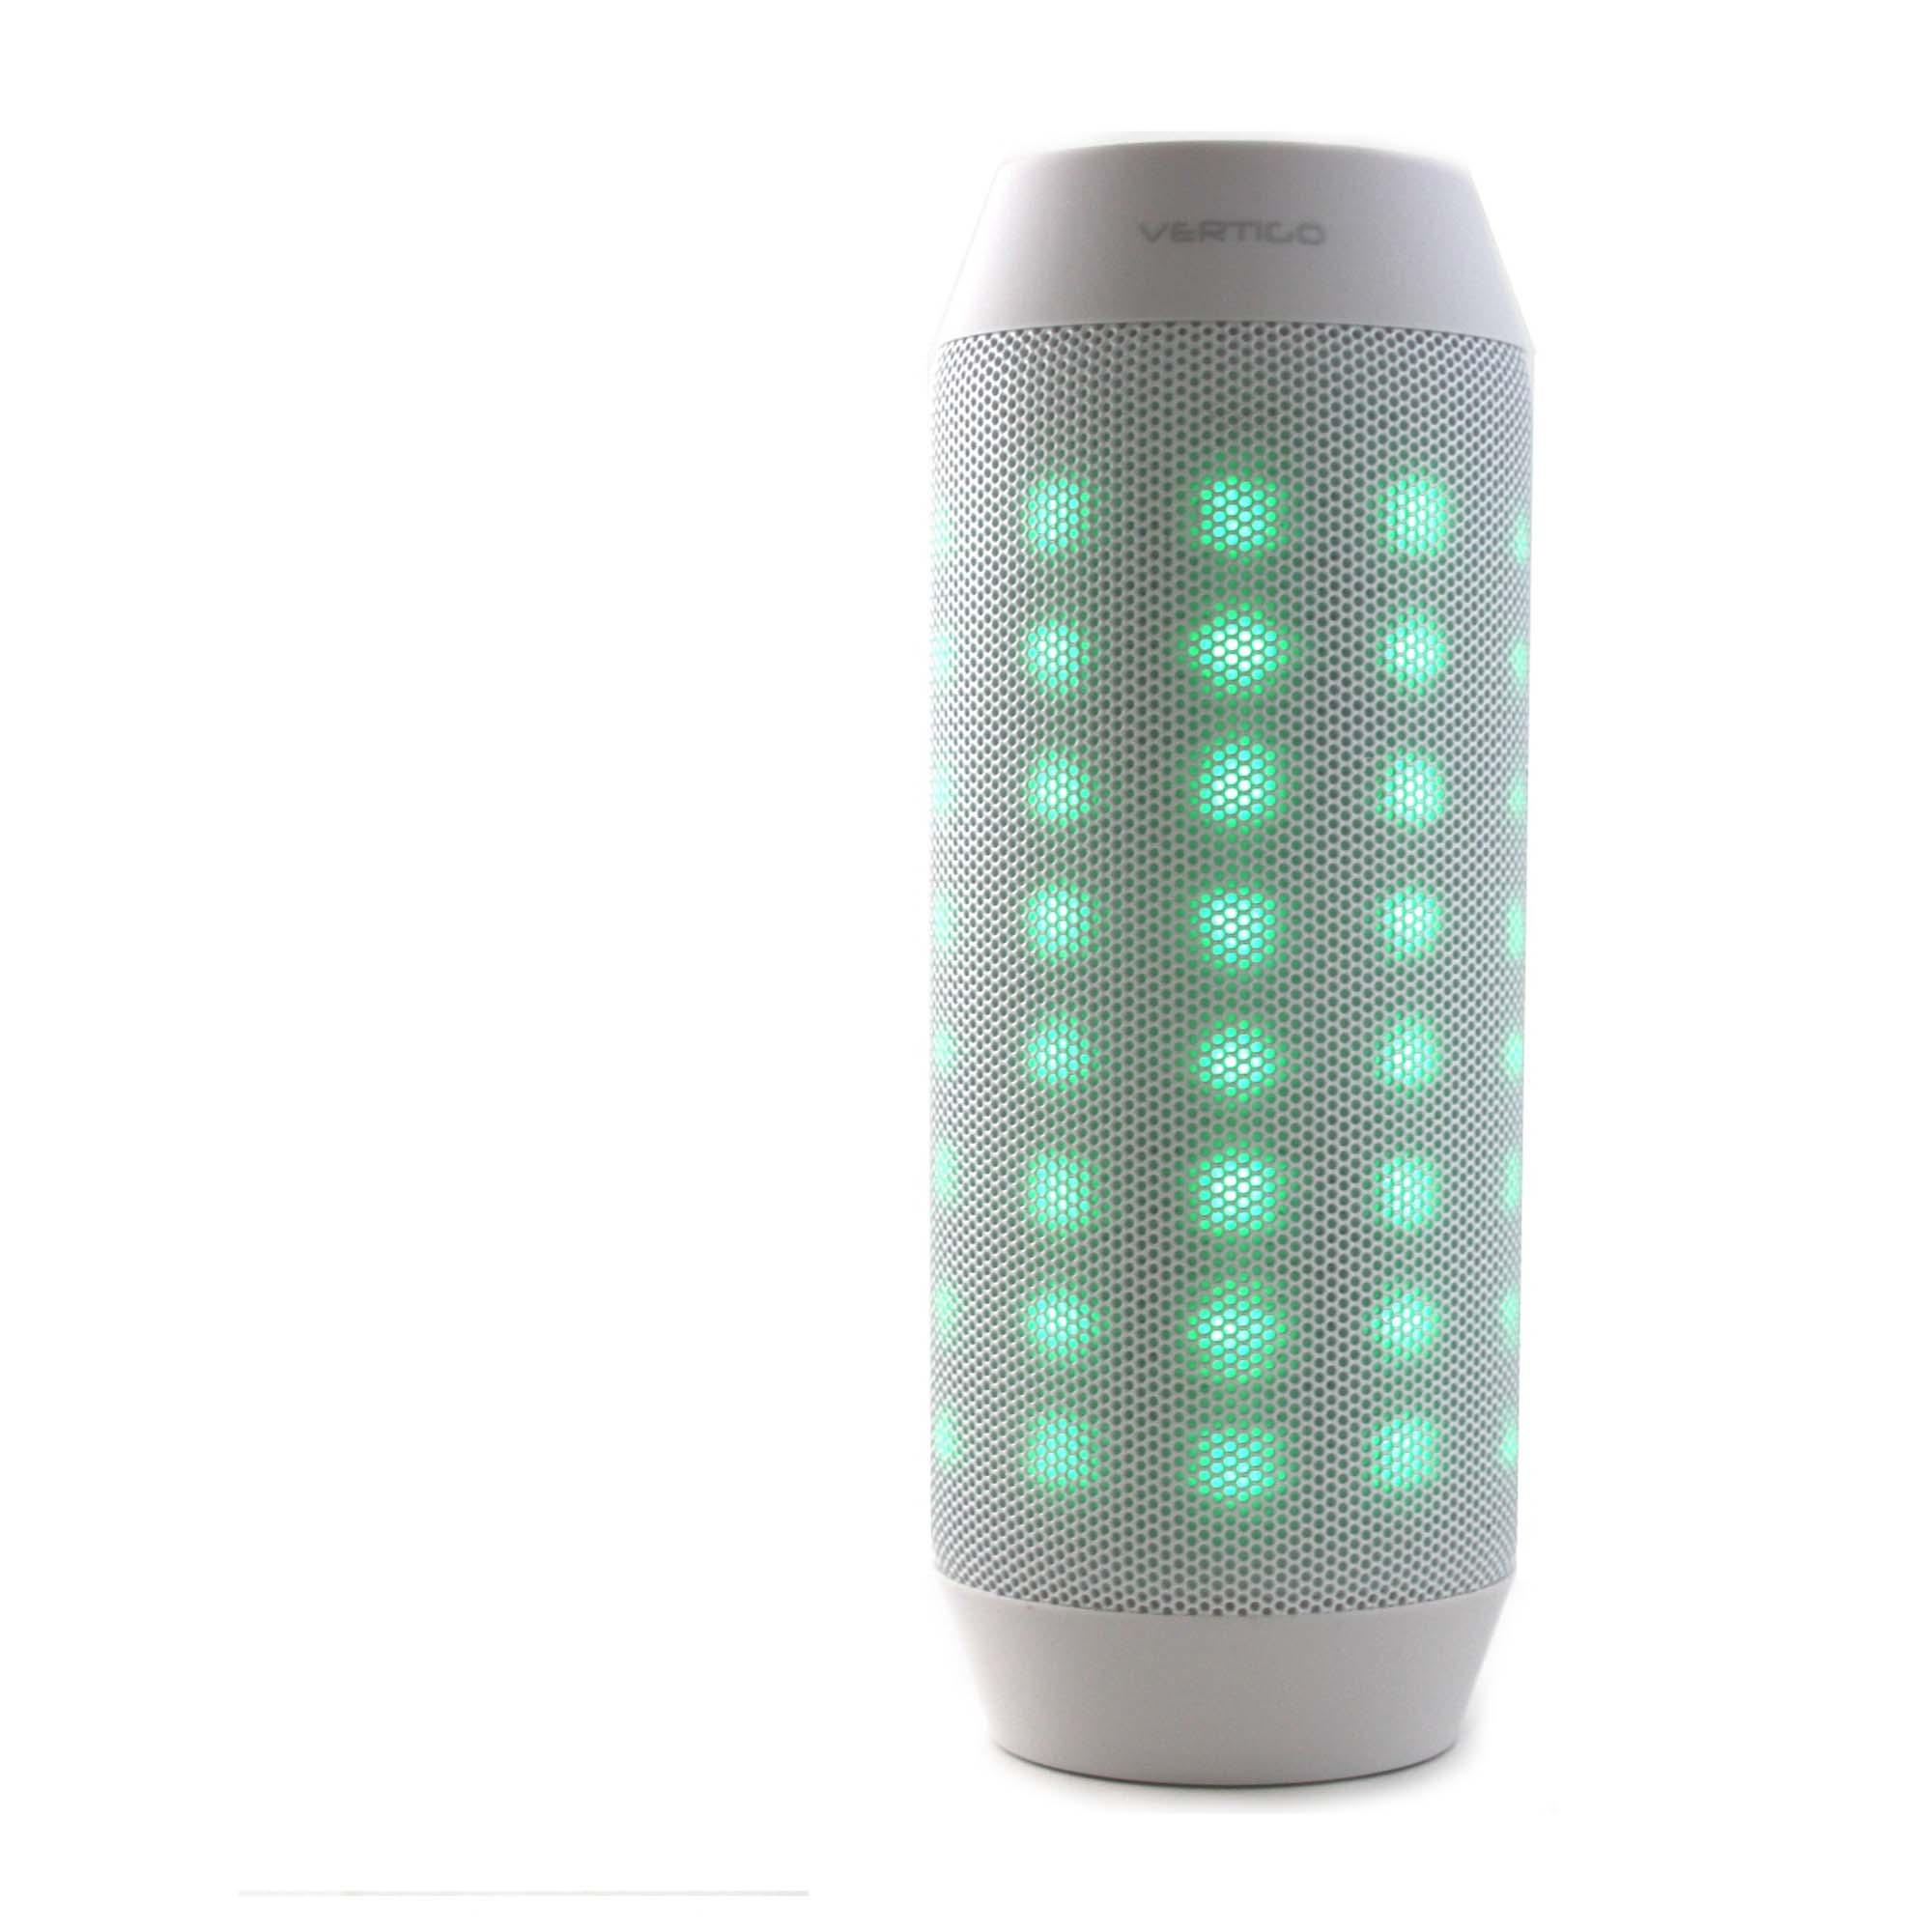 Vertigo Bluetooth LED Light Speaker  White  Connected